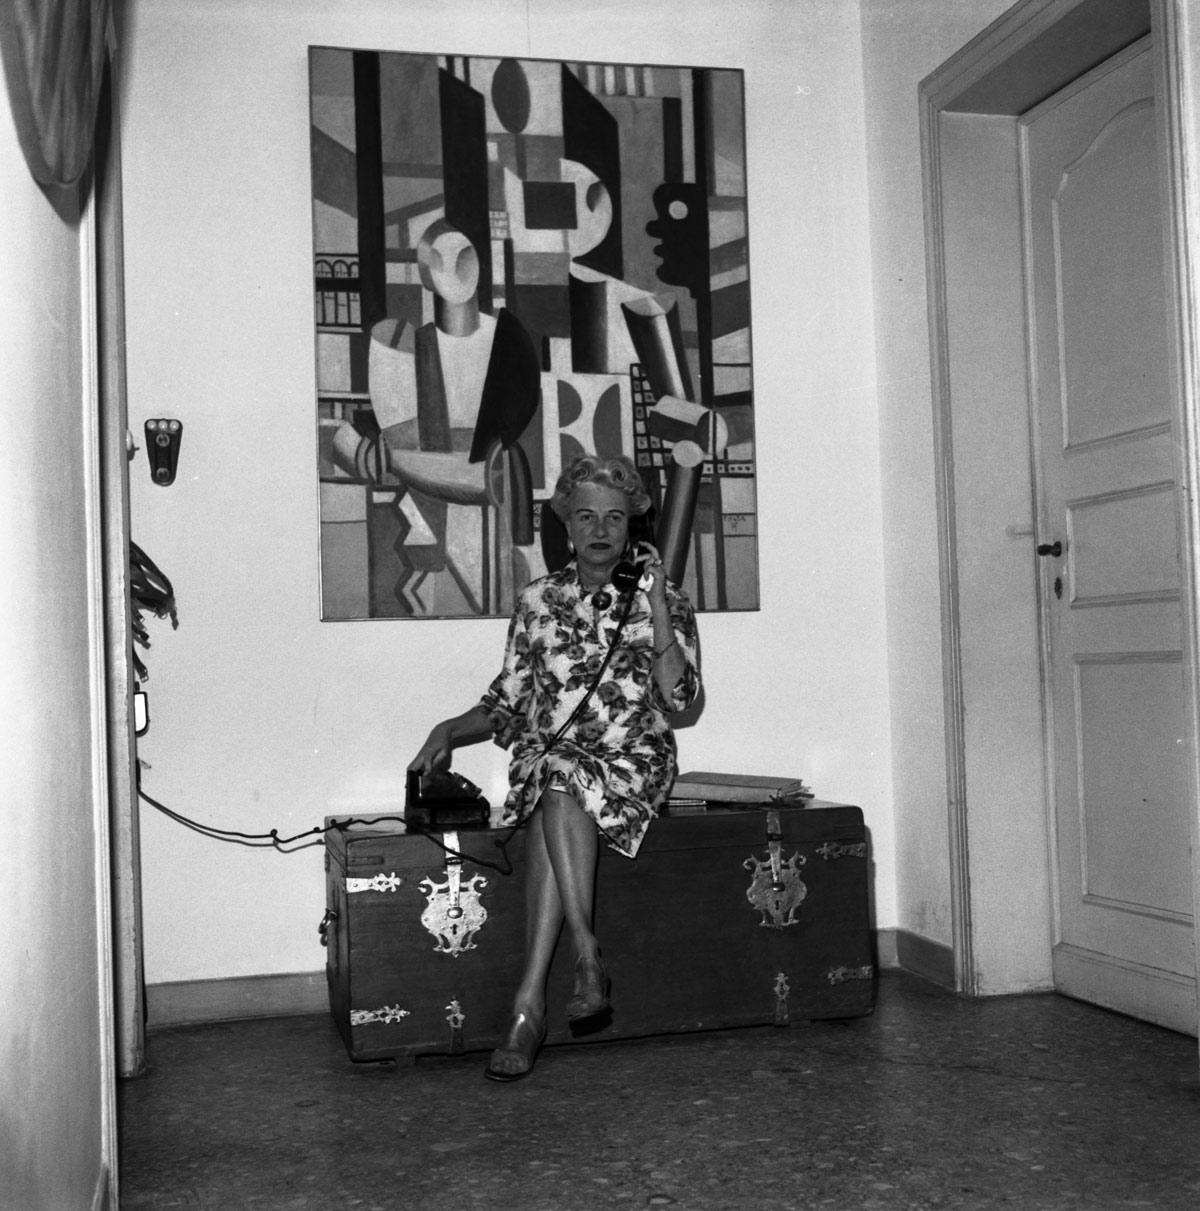 Peggy Guggenheim a Palazzo Venier dei Leoni, Venezia, primi anni Sessanta. Alle sue spalle Fernand Léger, Uomini in città(Les Hommes dans la ville), 1919. Fondazione Solomon R. Guggenheim. Photo Archivio Cameraphoto Epoche. Donazione, Cassa di Risparmio di Venezia, 2005.